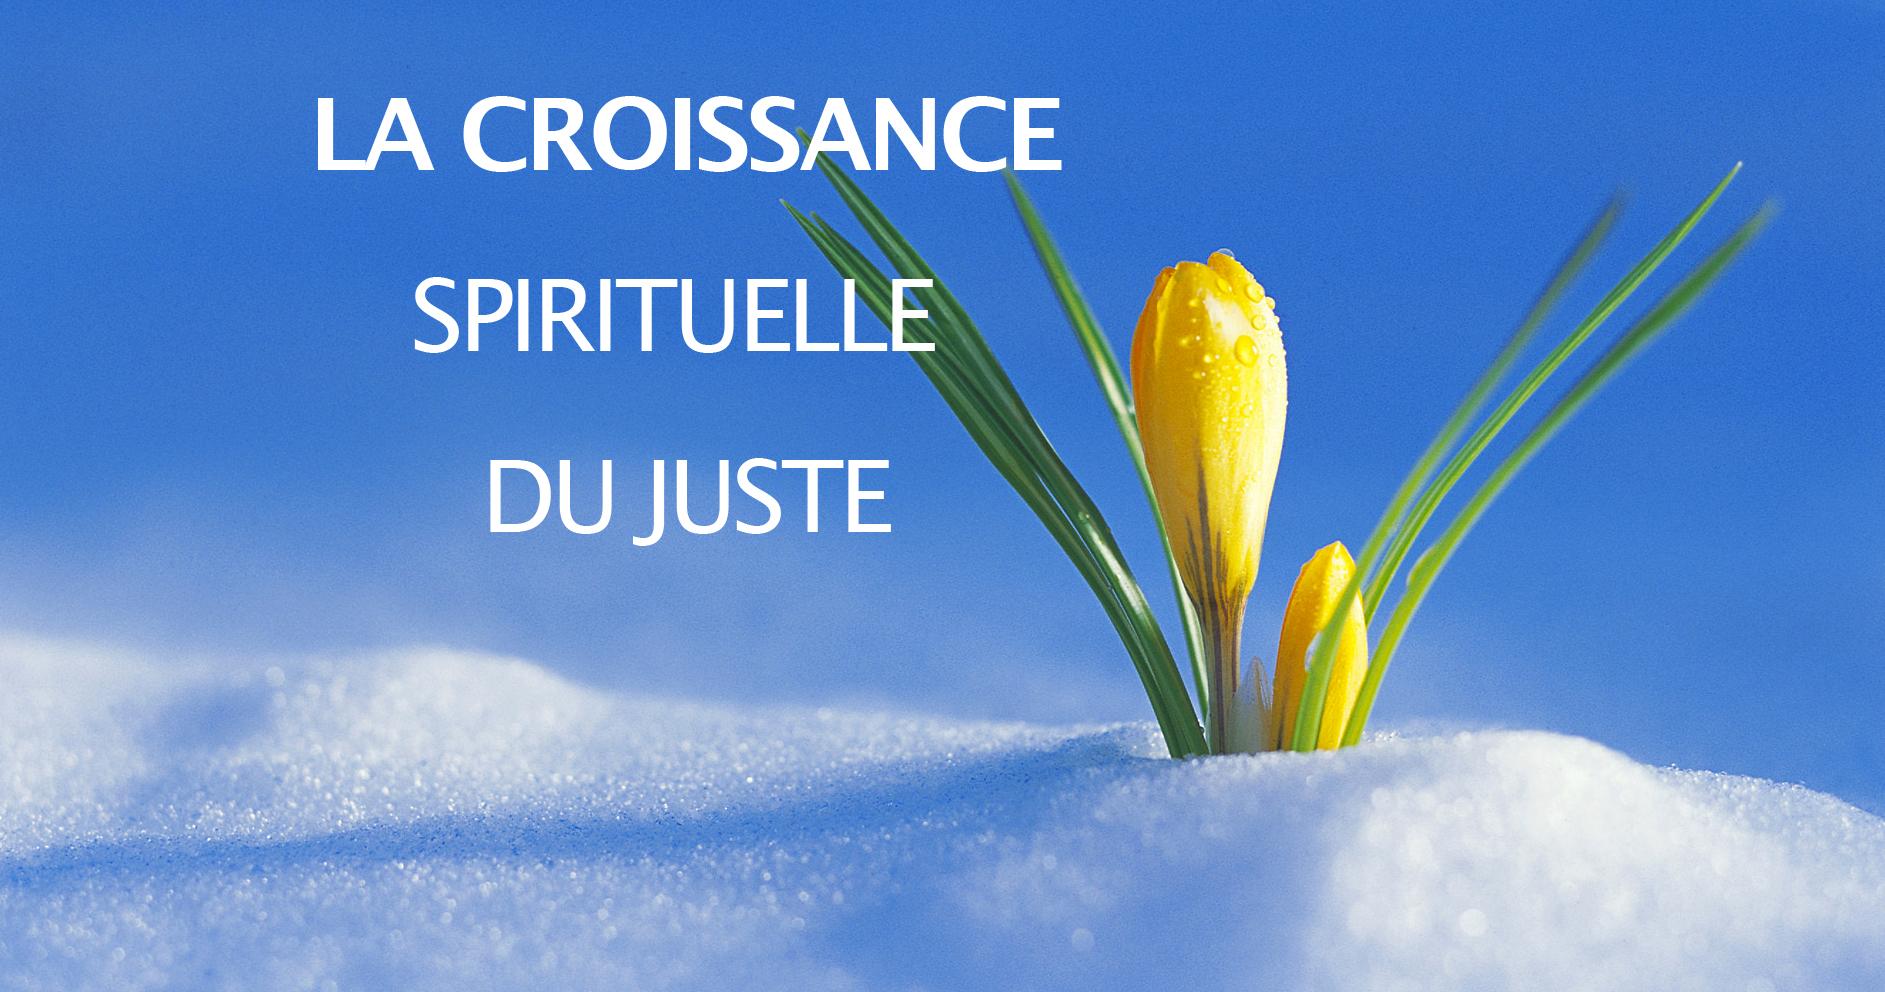 La croissance spirituelle du juste